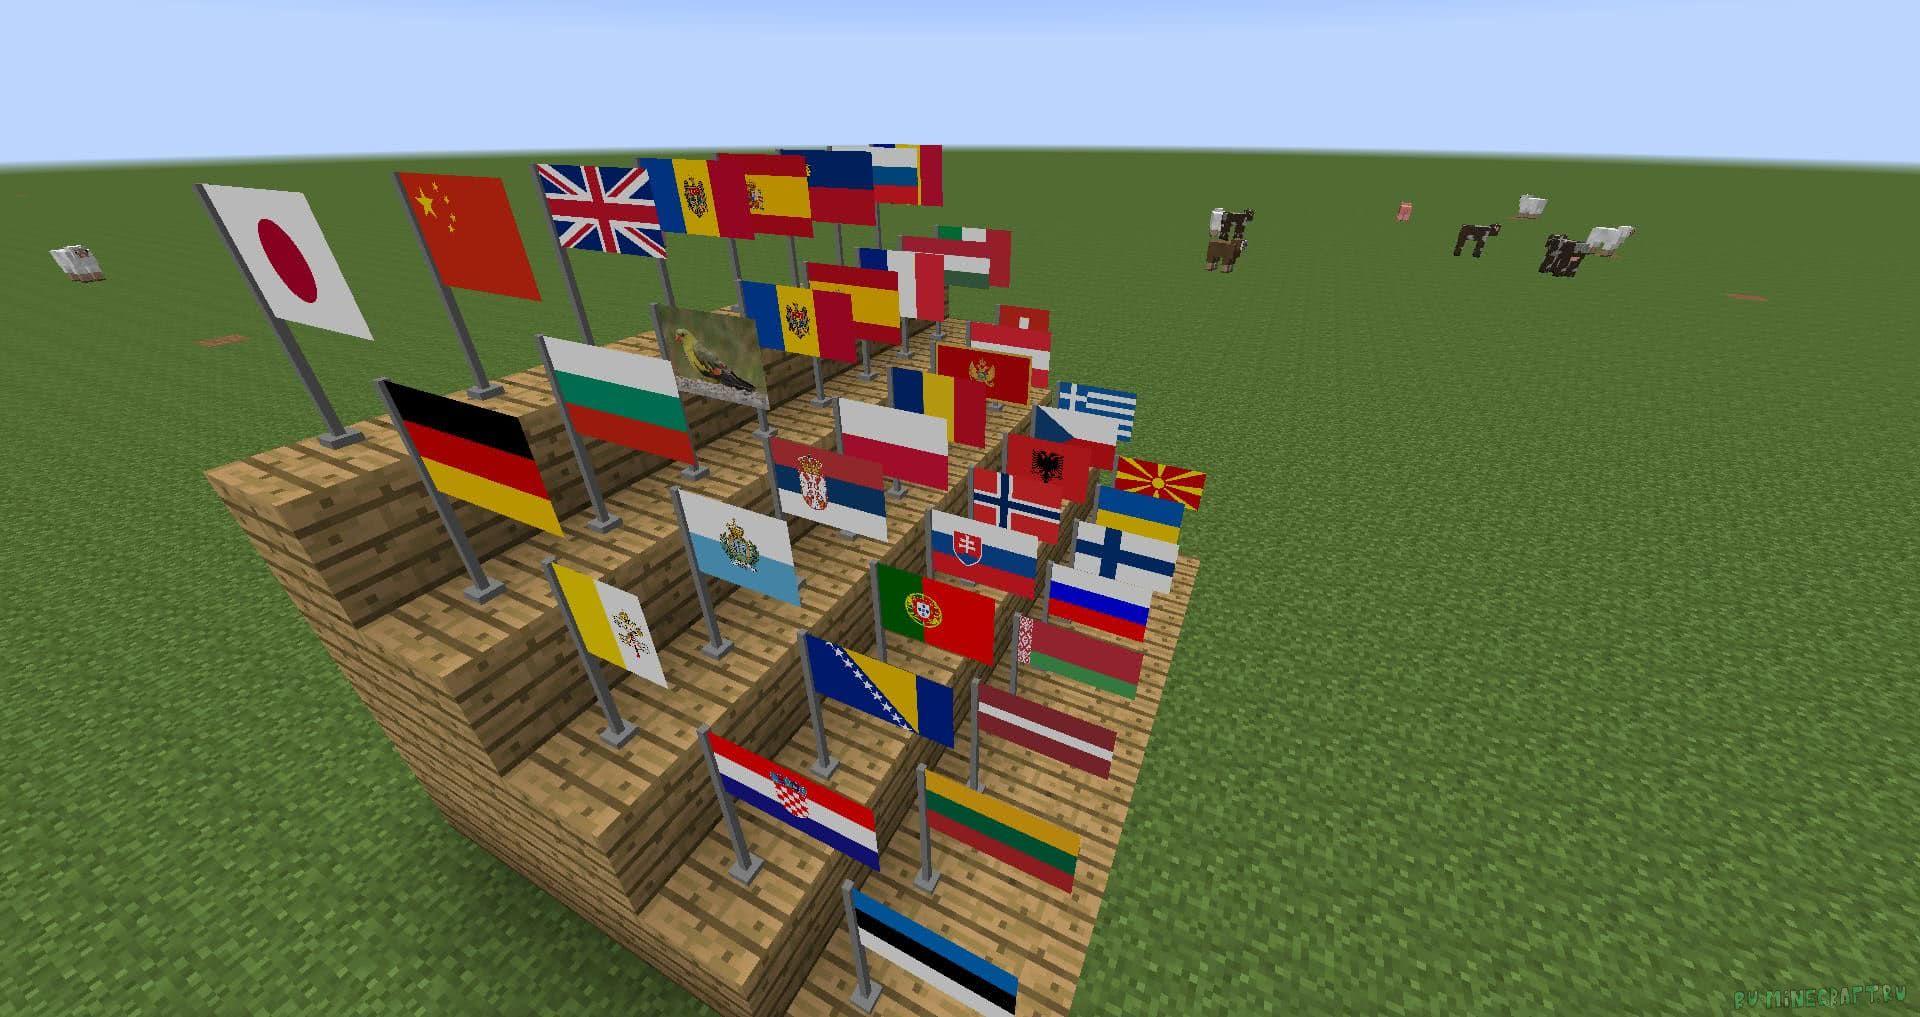 мод на флаги в майнкрафт 1.6.4